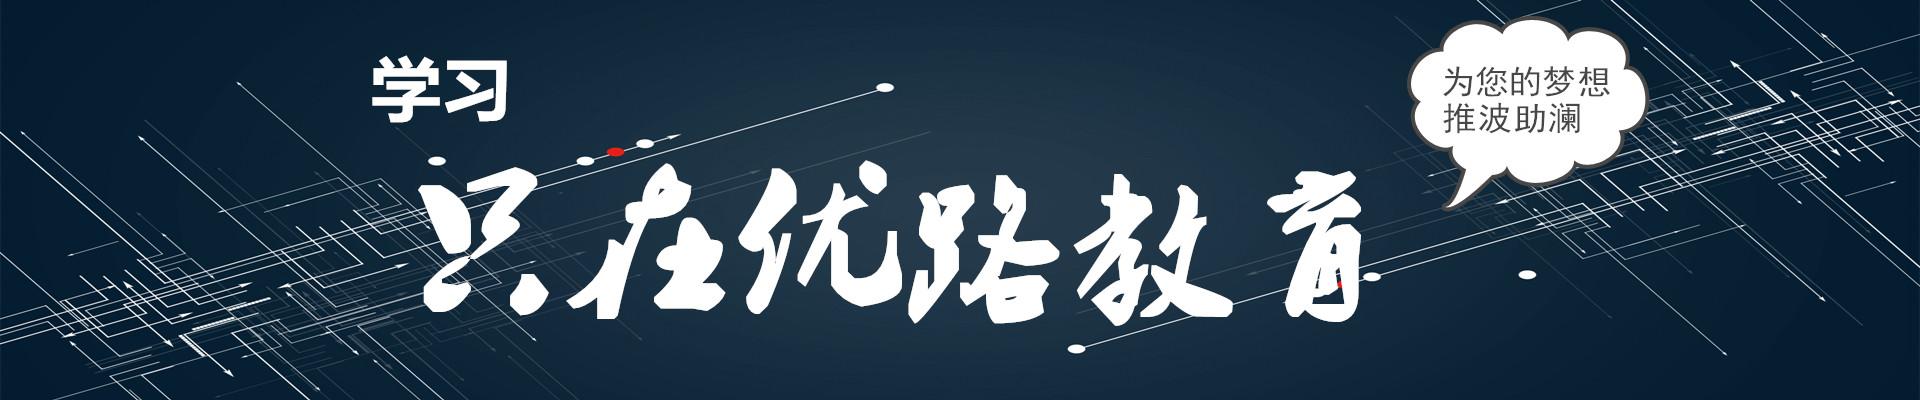 云南普洱优路教育培训学校